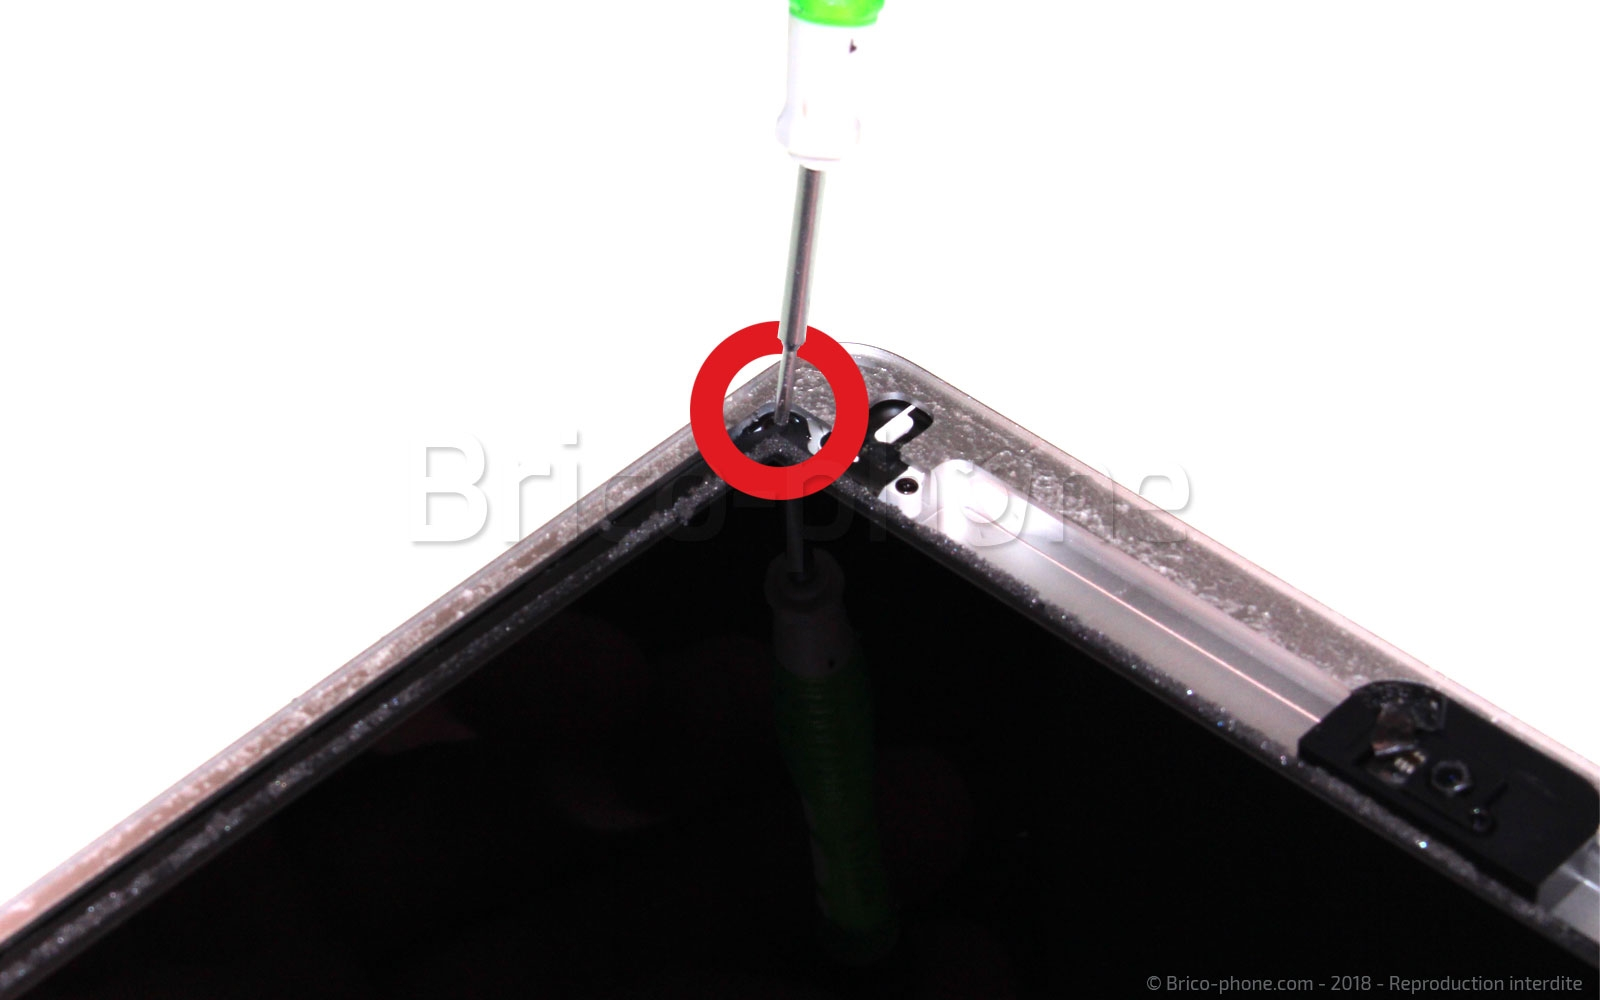 Etape 6 : Dévisser l'écran LCD